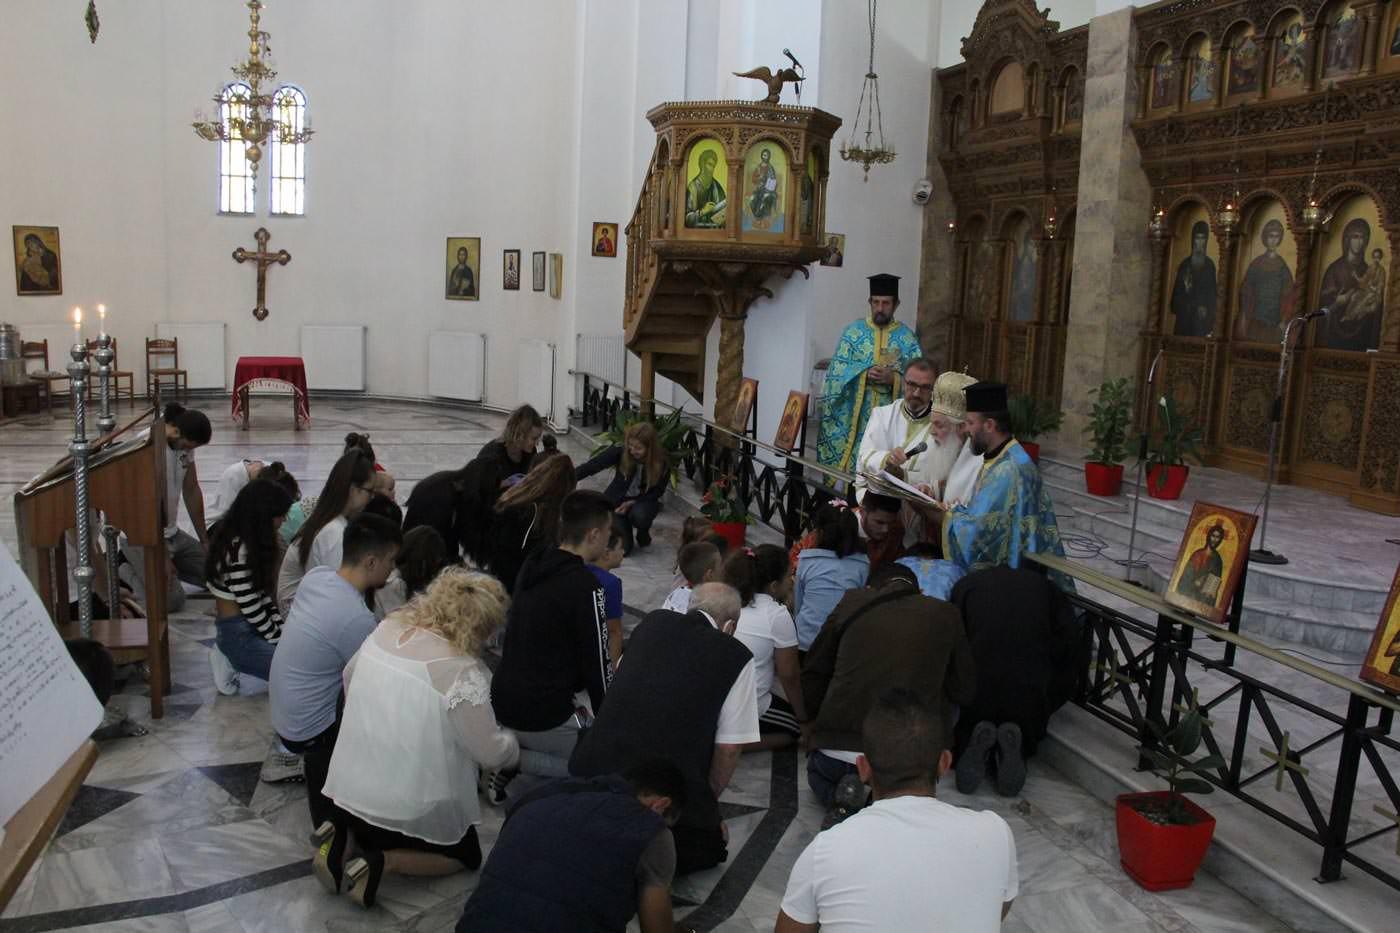 έναρξη της σχολικής περιόδου στην Αλβανία προσευχή μαθητές 2021